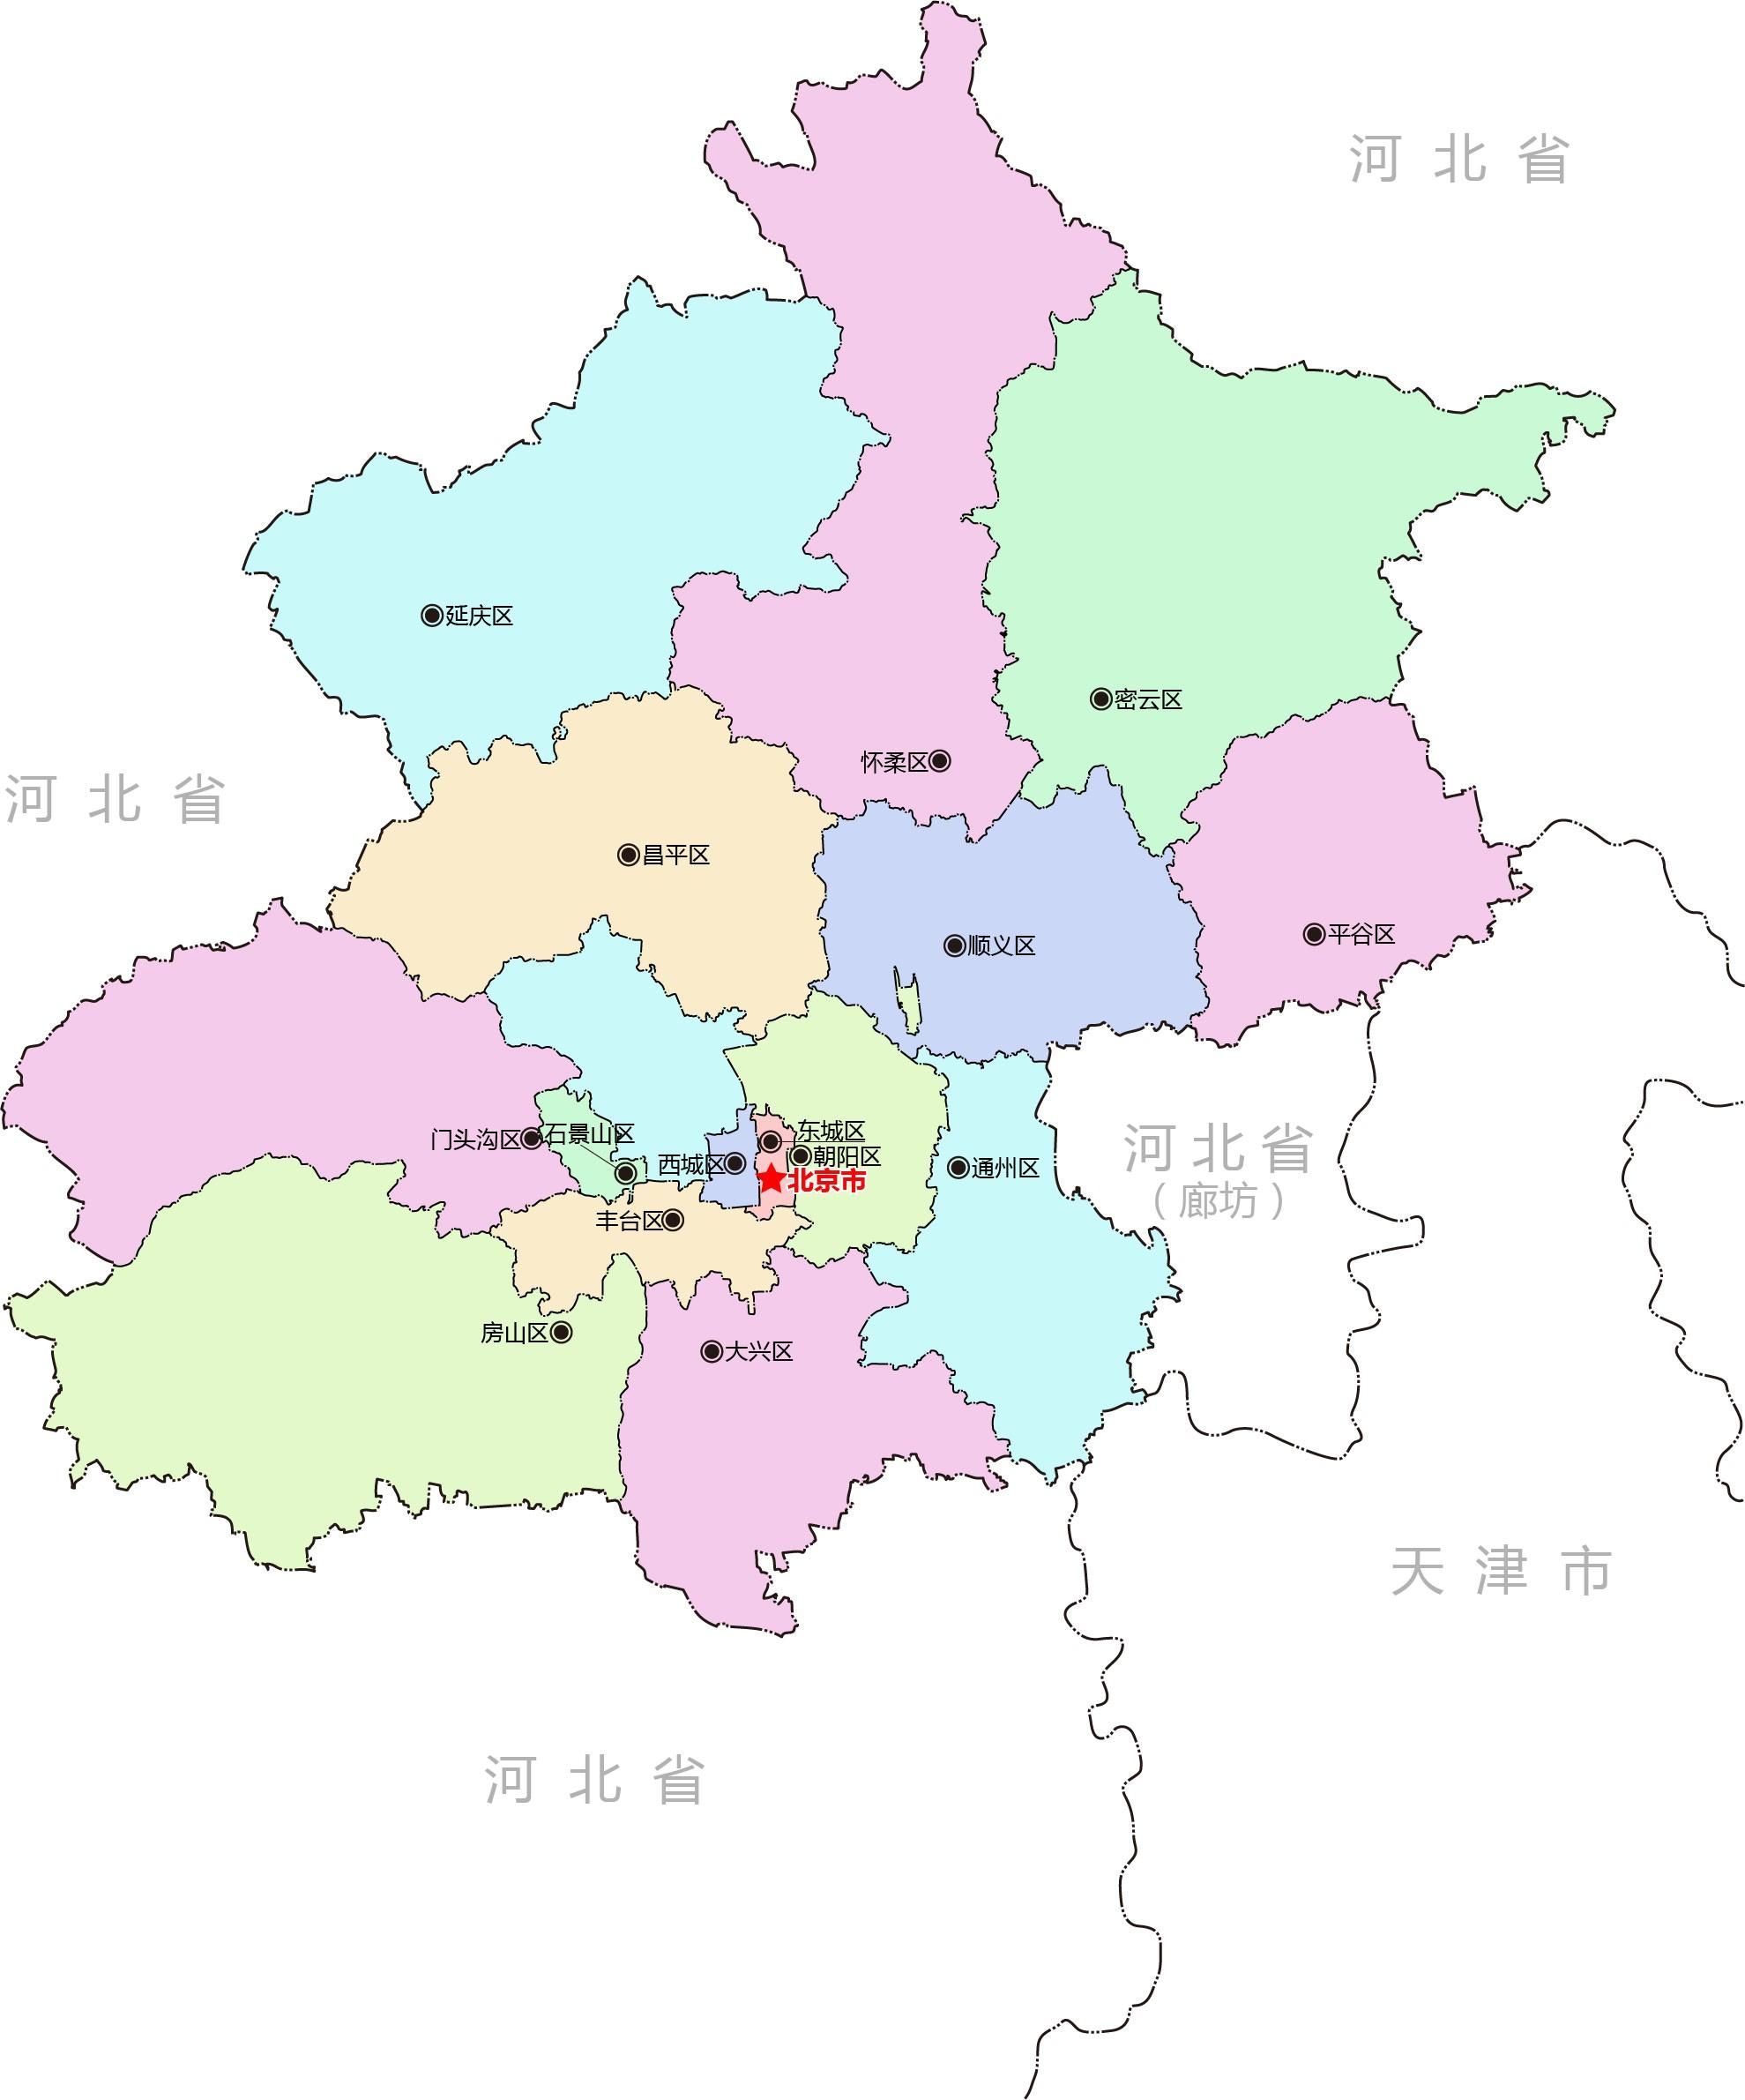 北京行政区划